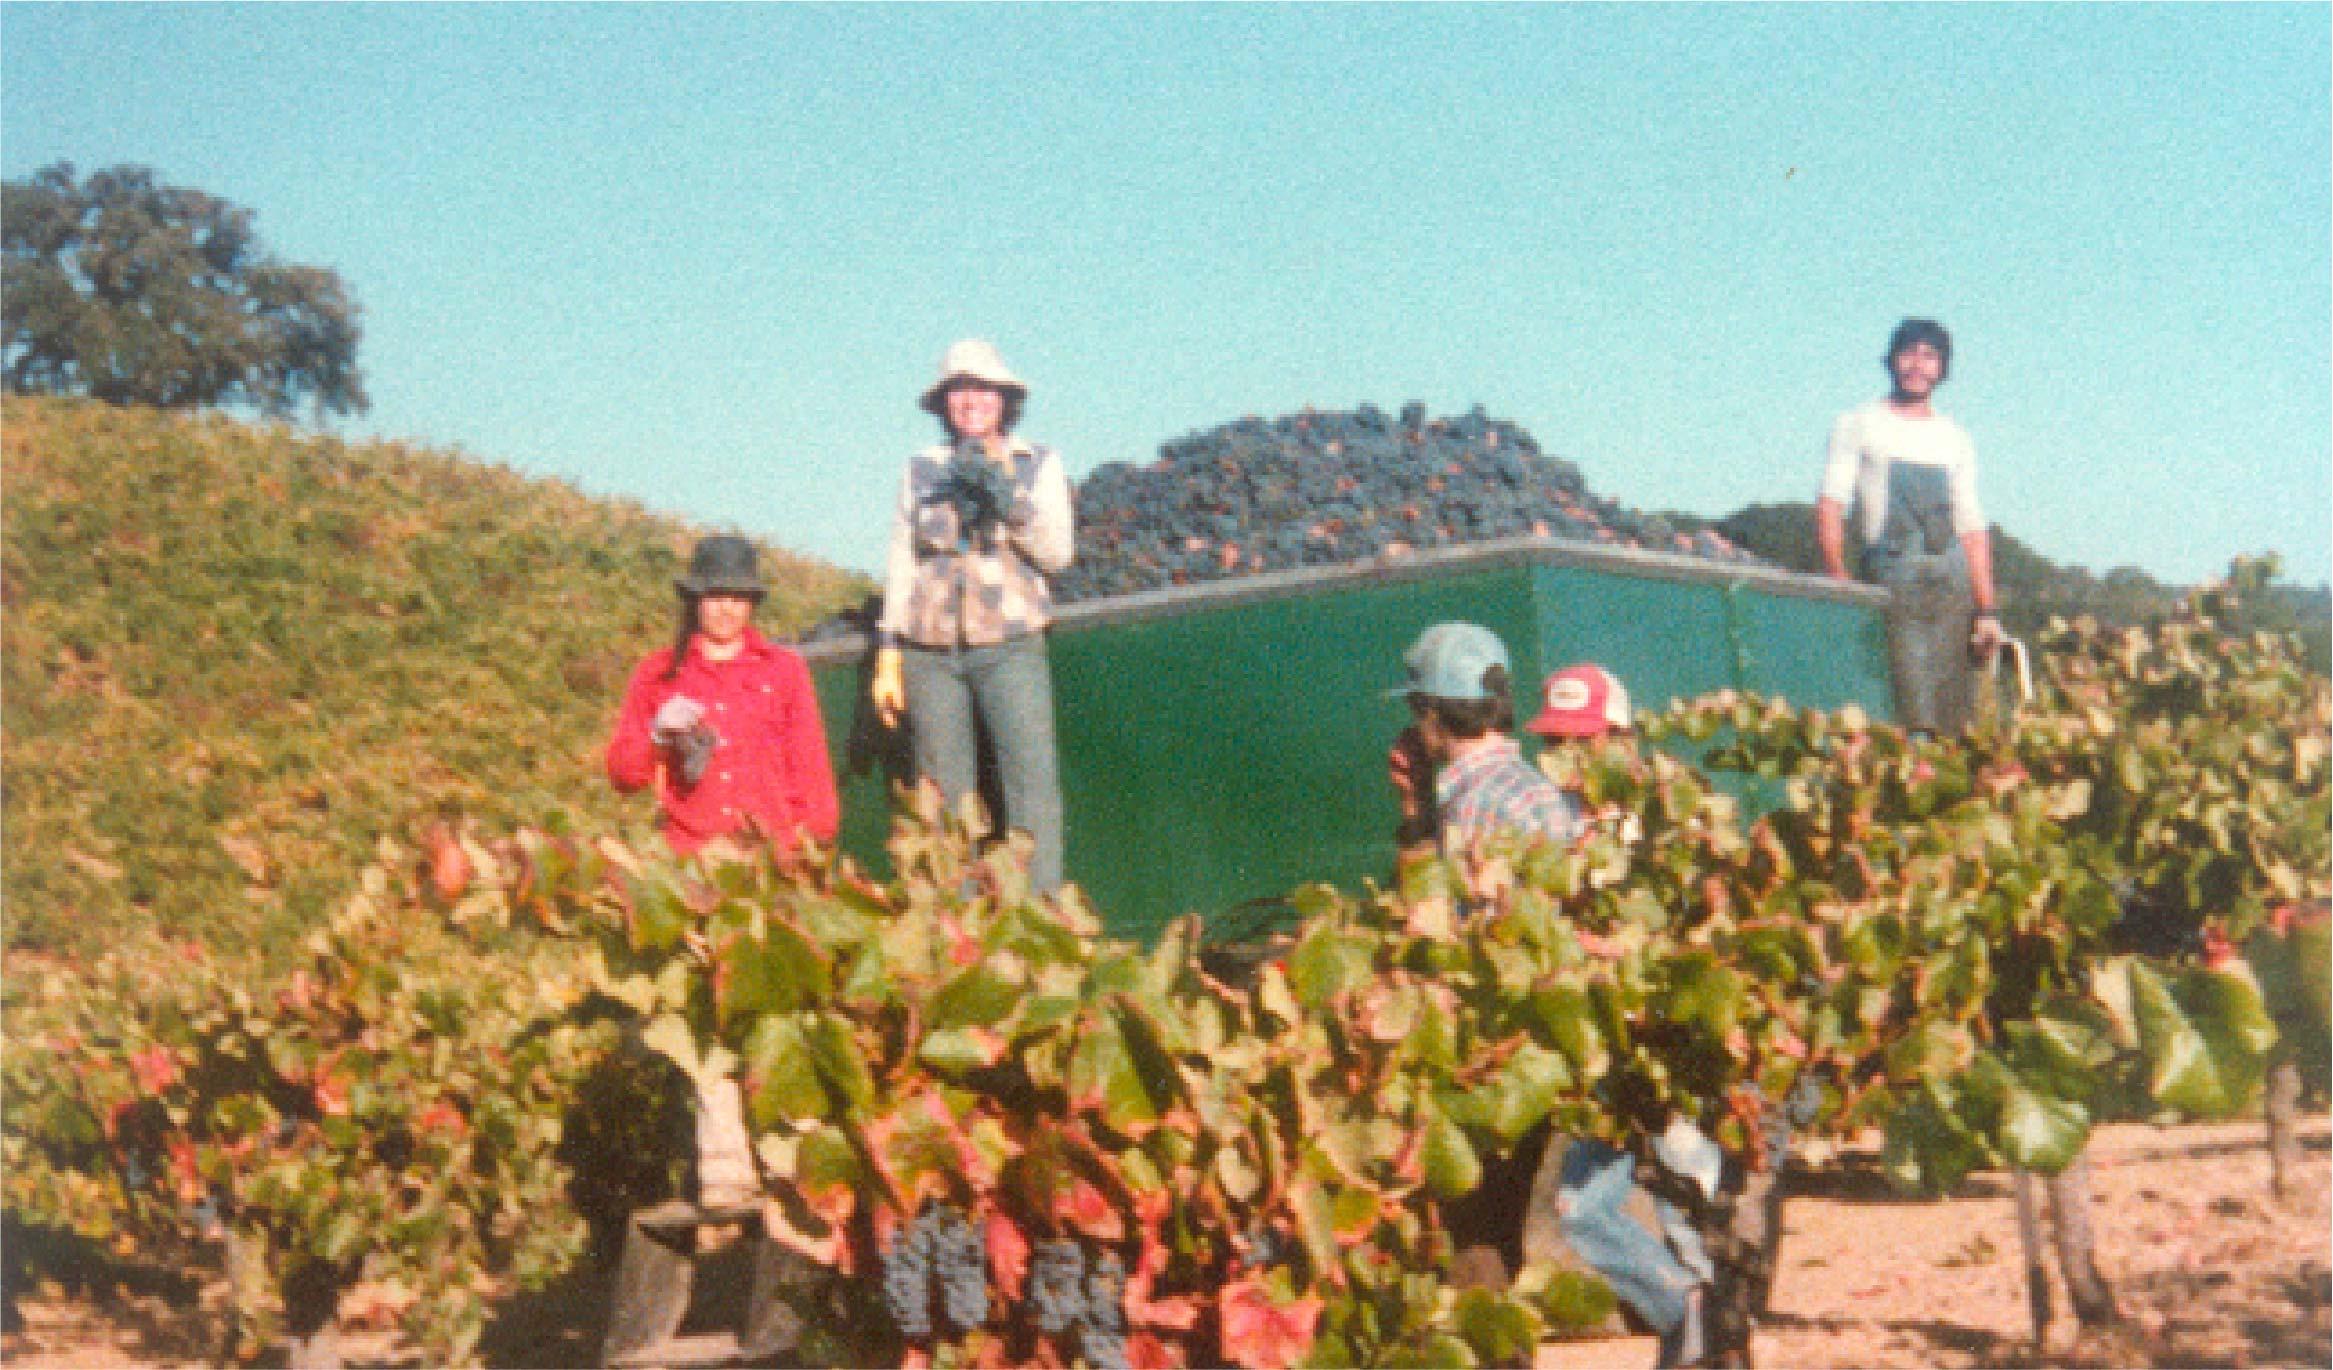 Vineyard workers harvesting Old Vine Zinfandel.